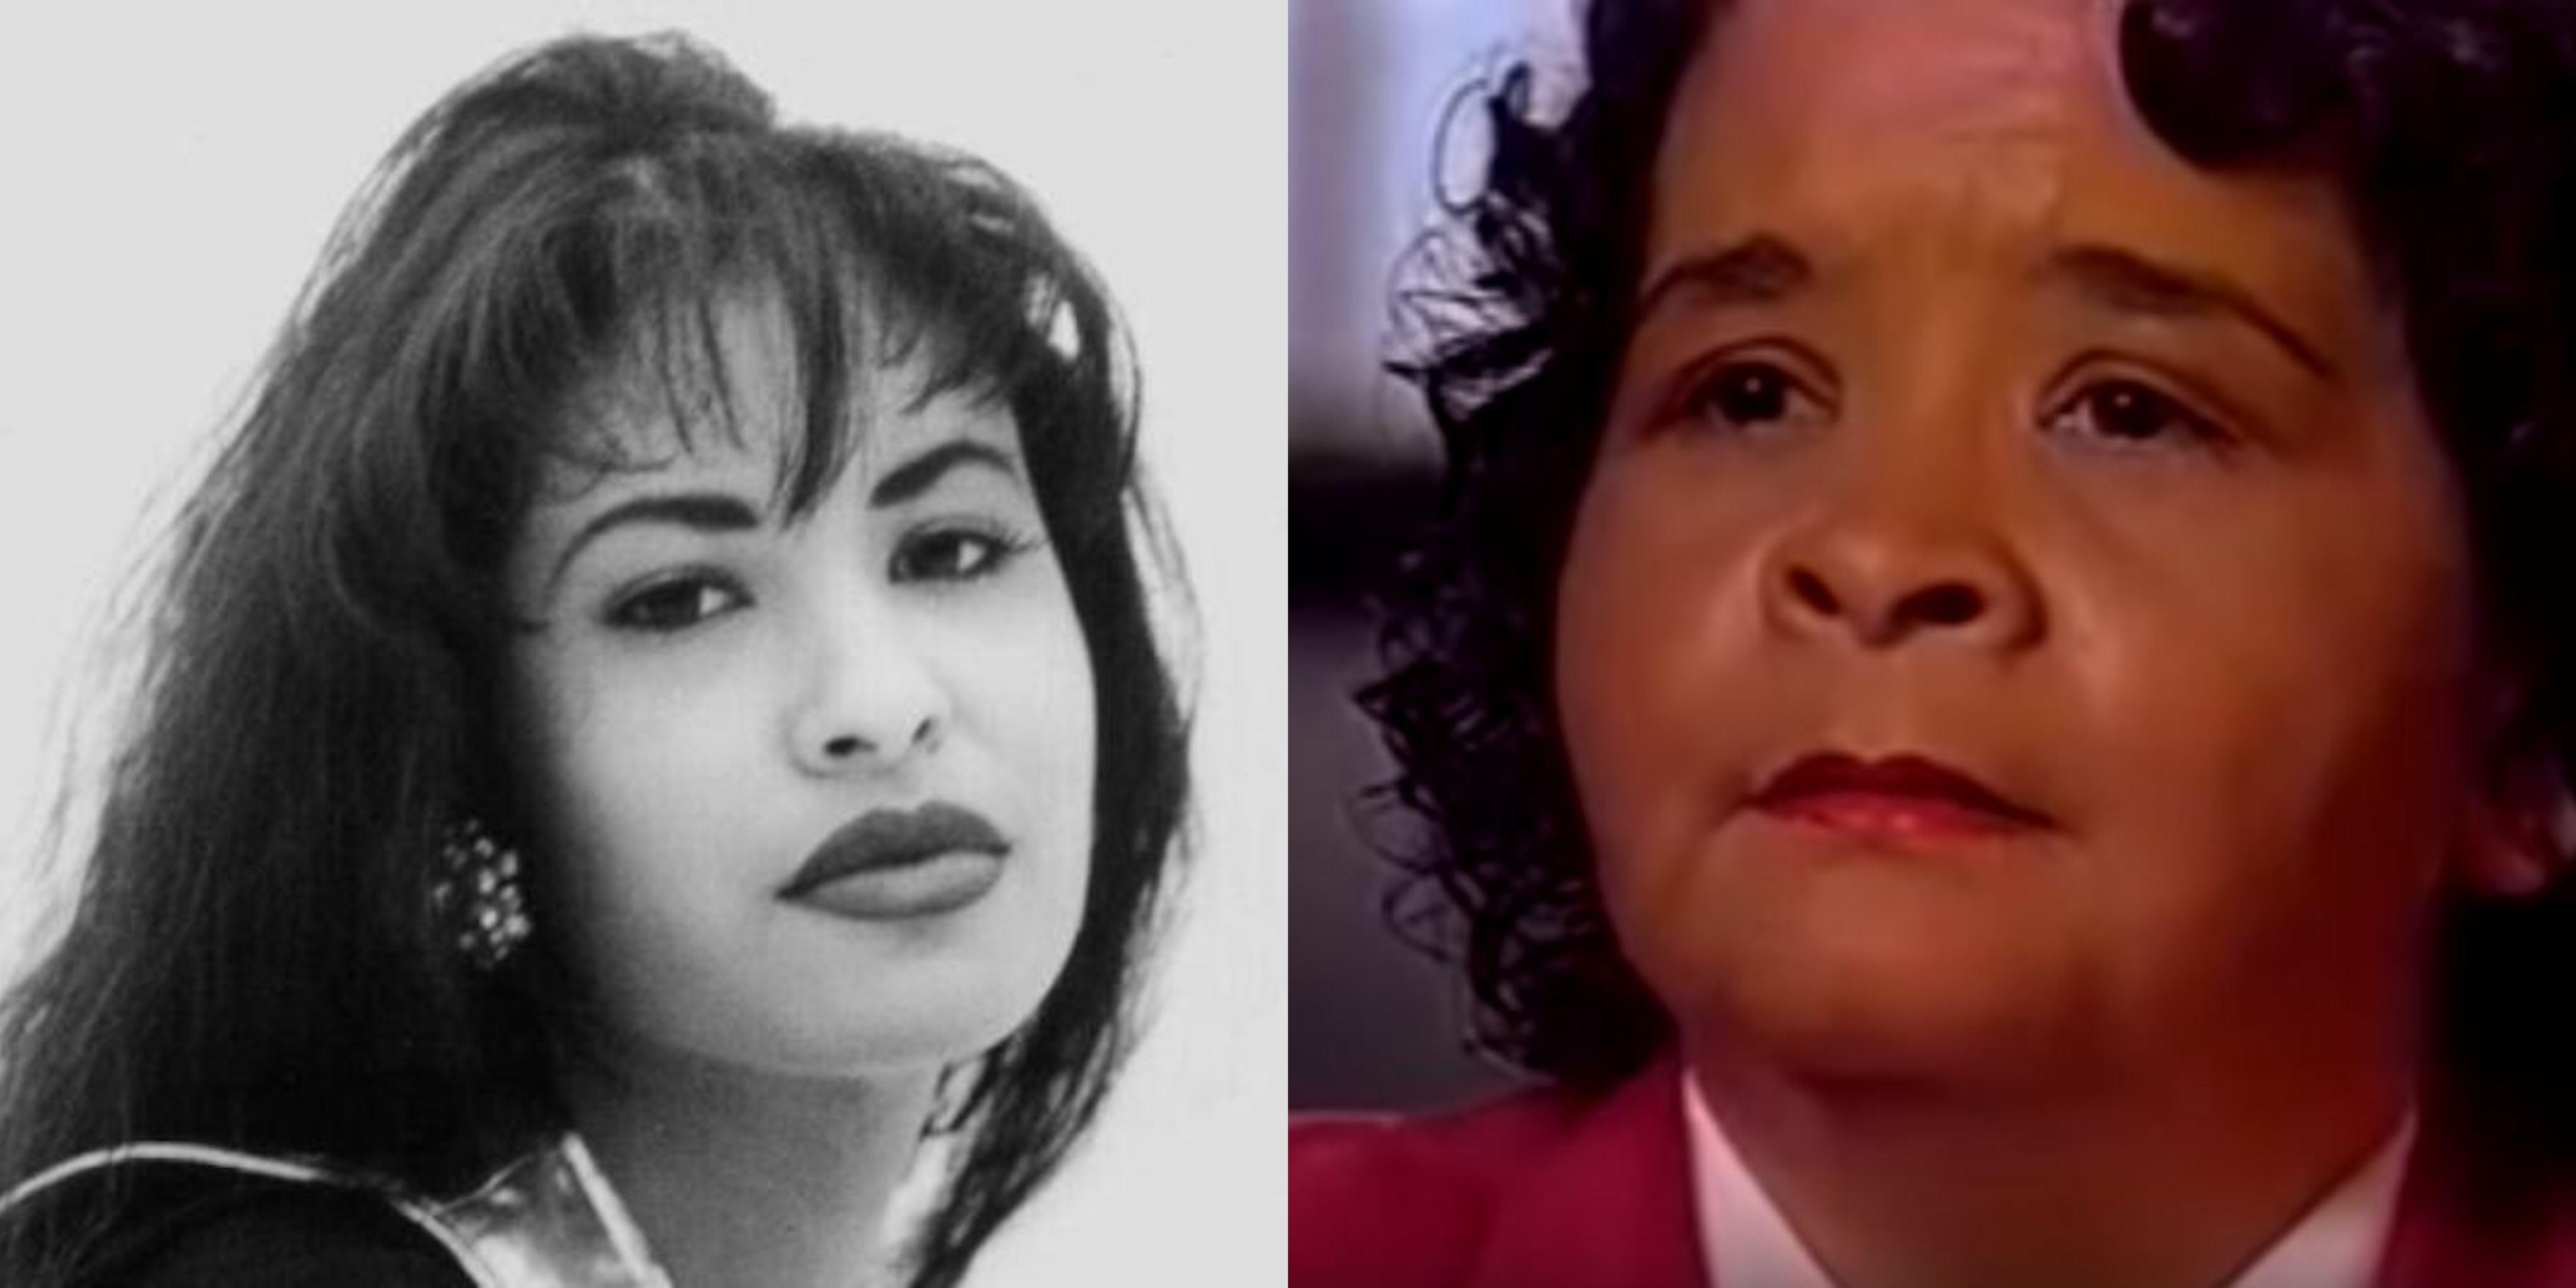 Left: Selena Quintanilla-Pérez, Right: Yolanda Saldívar